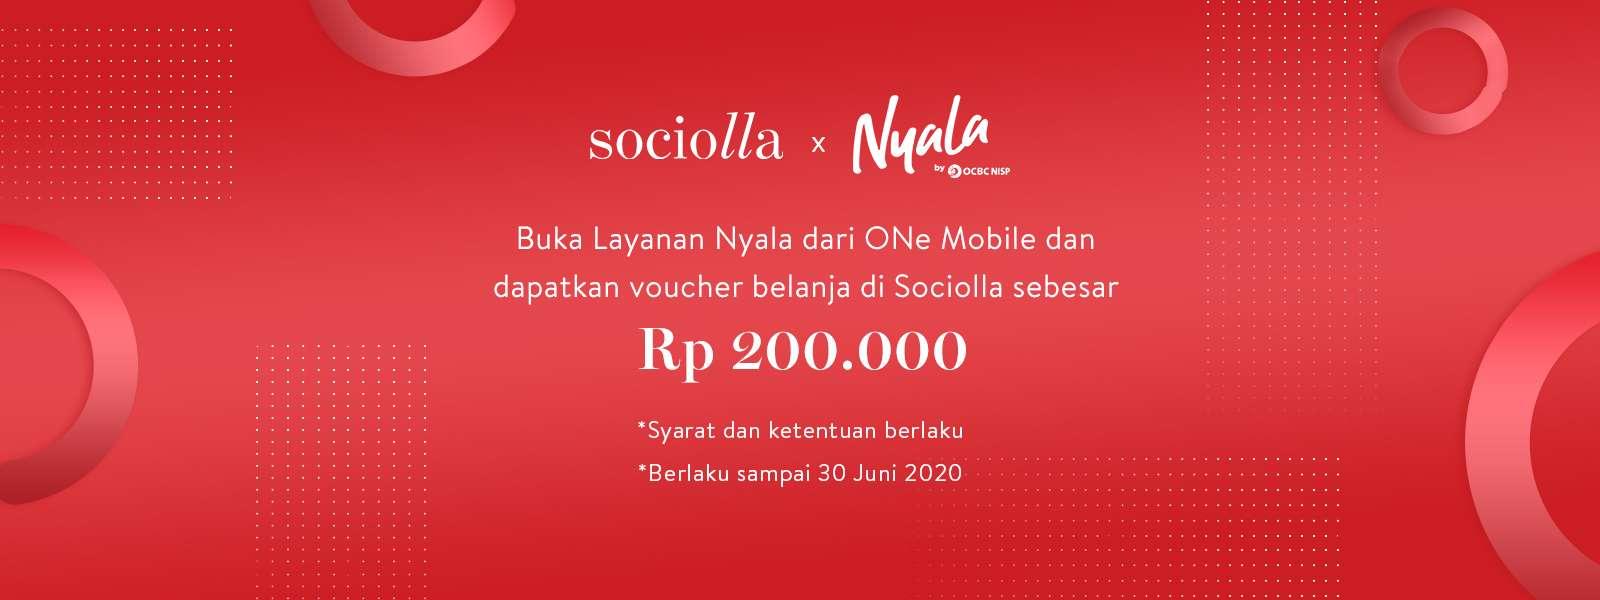 Sociolla Promo Voucher Belanja Rp. 200.000 Dengan Buka Layanan Nyala One Mobile